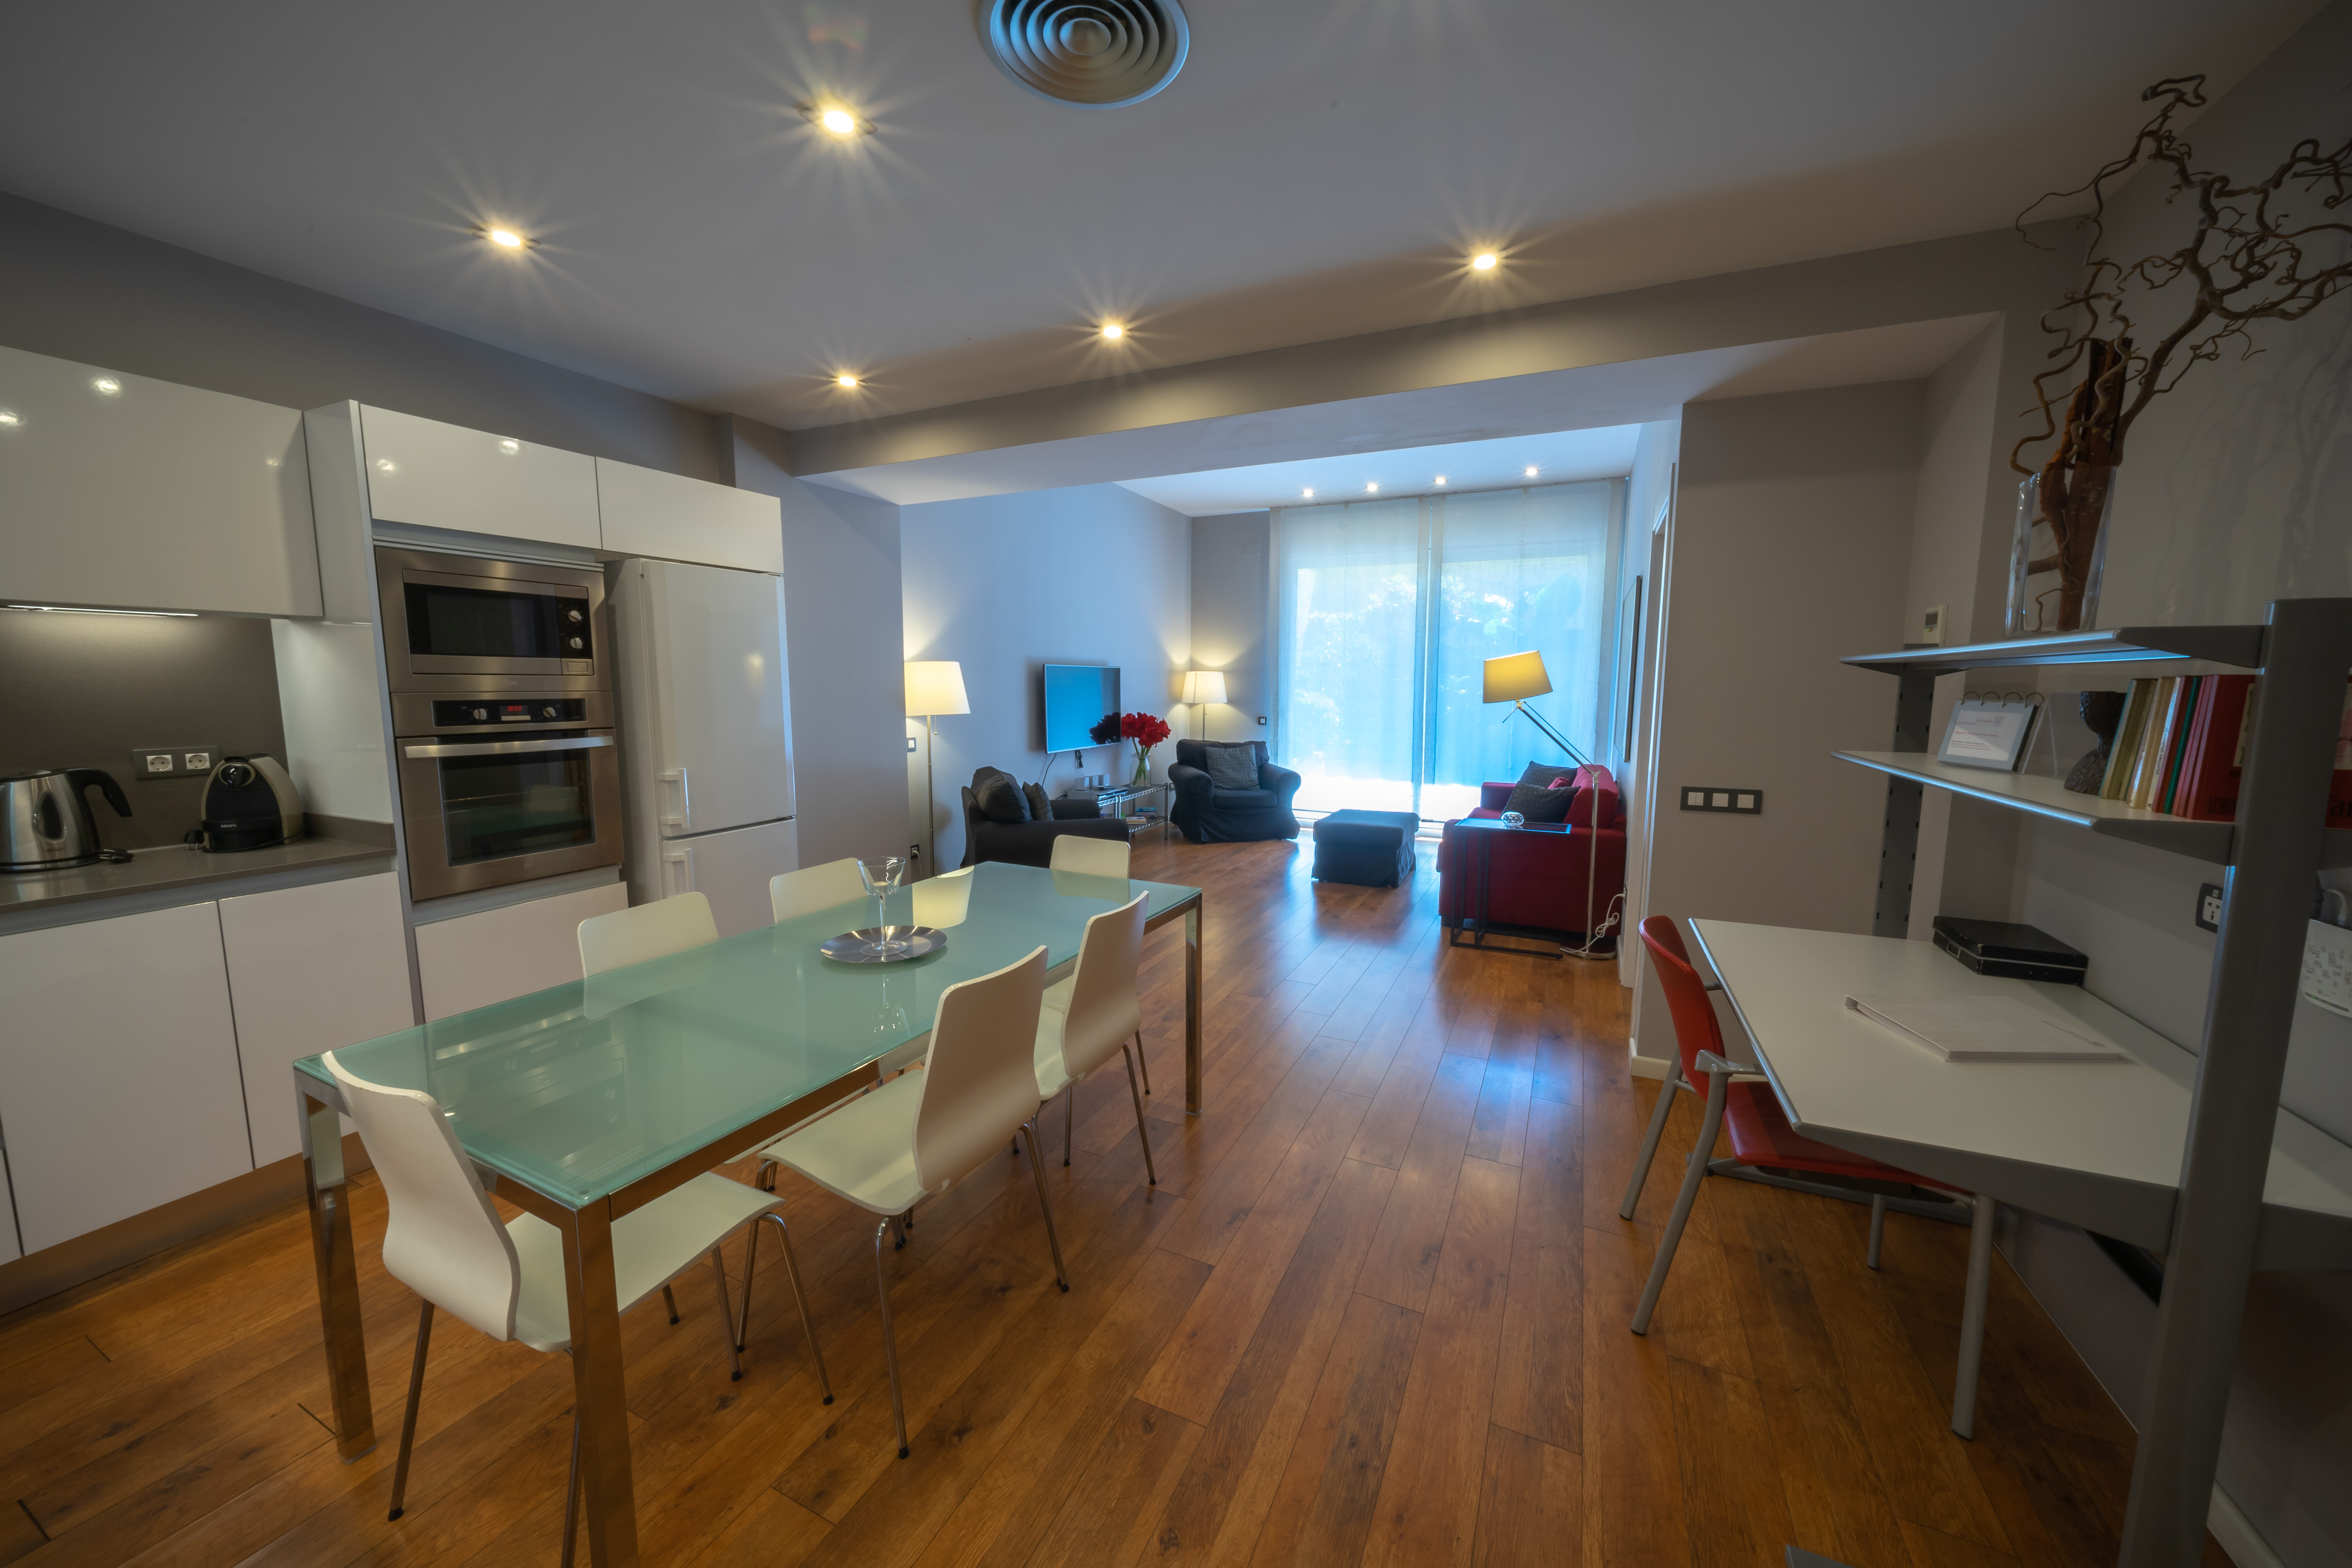 Alquiler de Temporada Piso  Carrer de bonavista. Exquisito apartamento con patio privado en el centro de barcelon